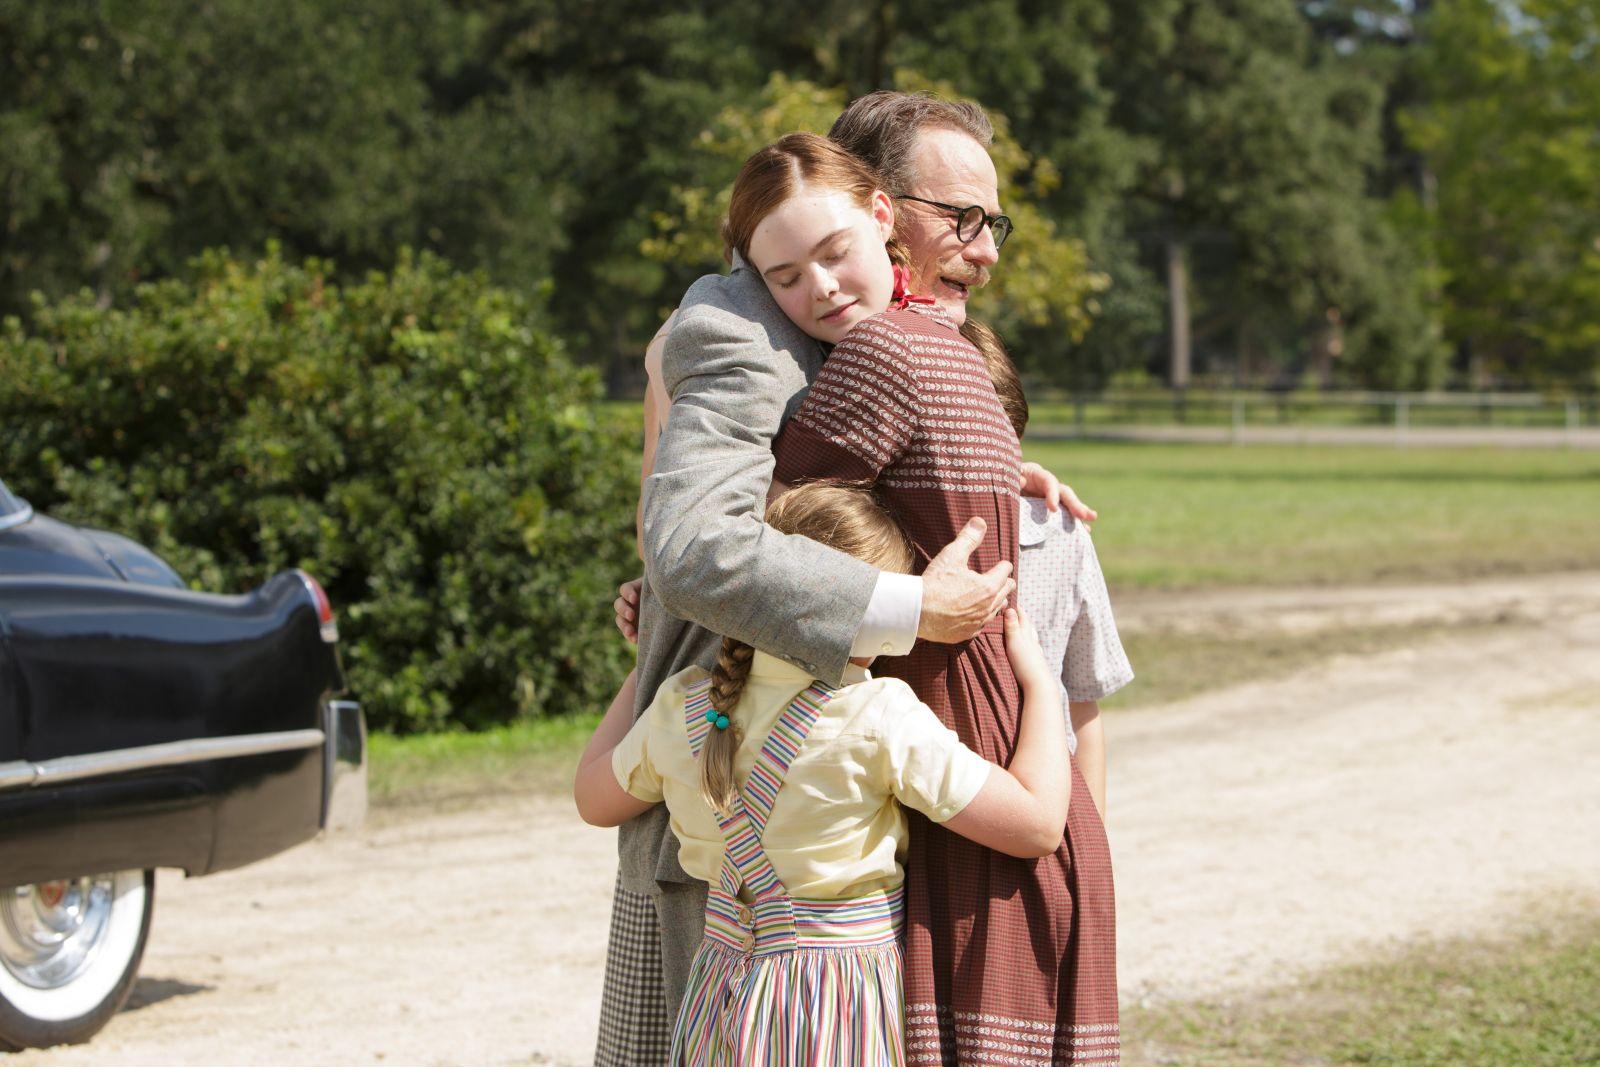 L'ultima parola - La vera storia di Dalton Trumbo: Bryan Cranston ed Elle Fanning in una scena del film